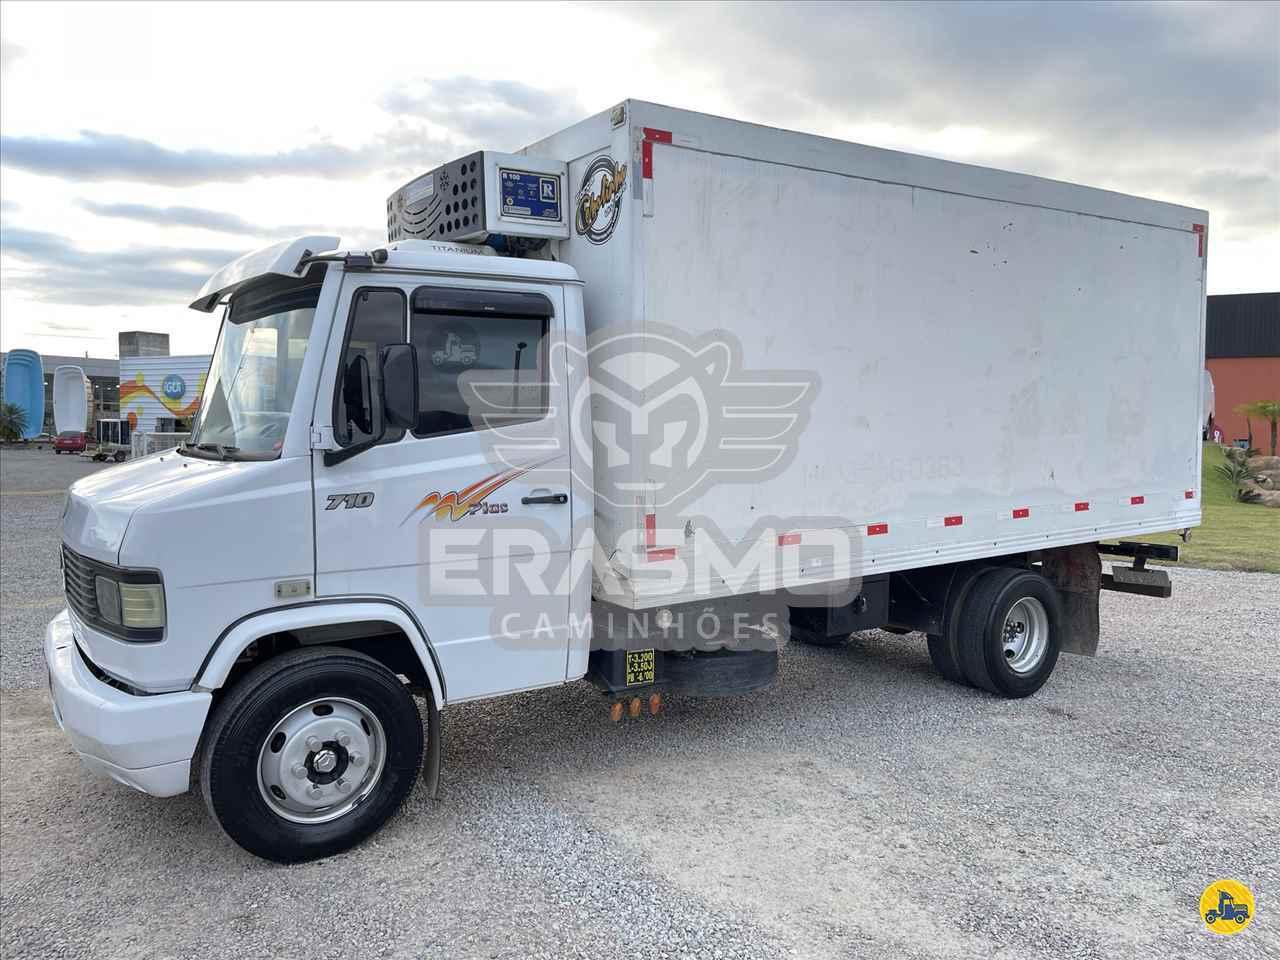 MB 710 de Erasmo Caminhões - TUBARAO/SC